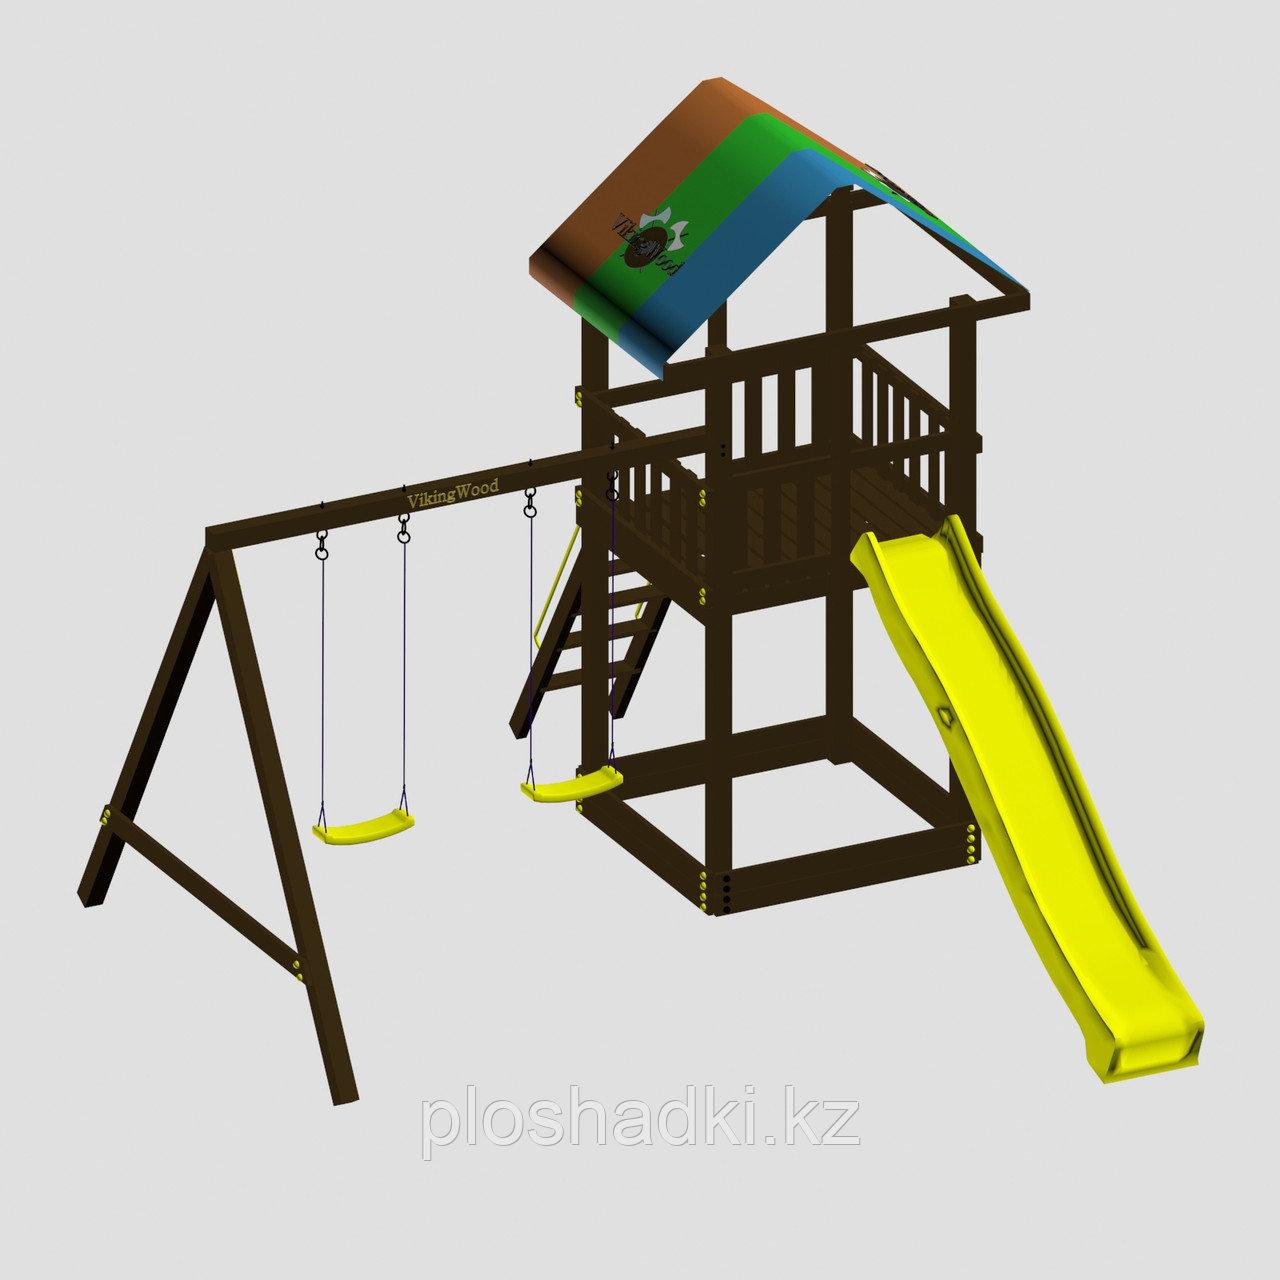 """Игровой комплекс """"Смайл"""", цветная крыша, лестница 2 качели, горка-скат разных цветов"""